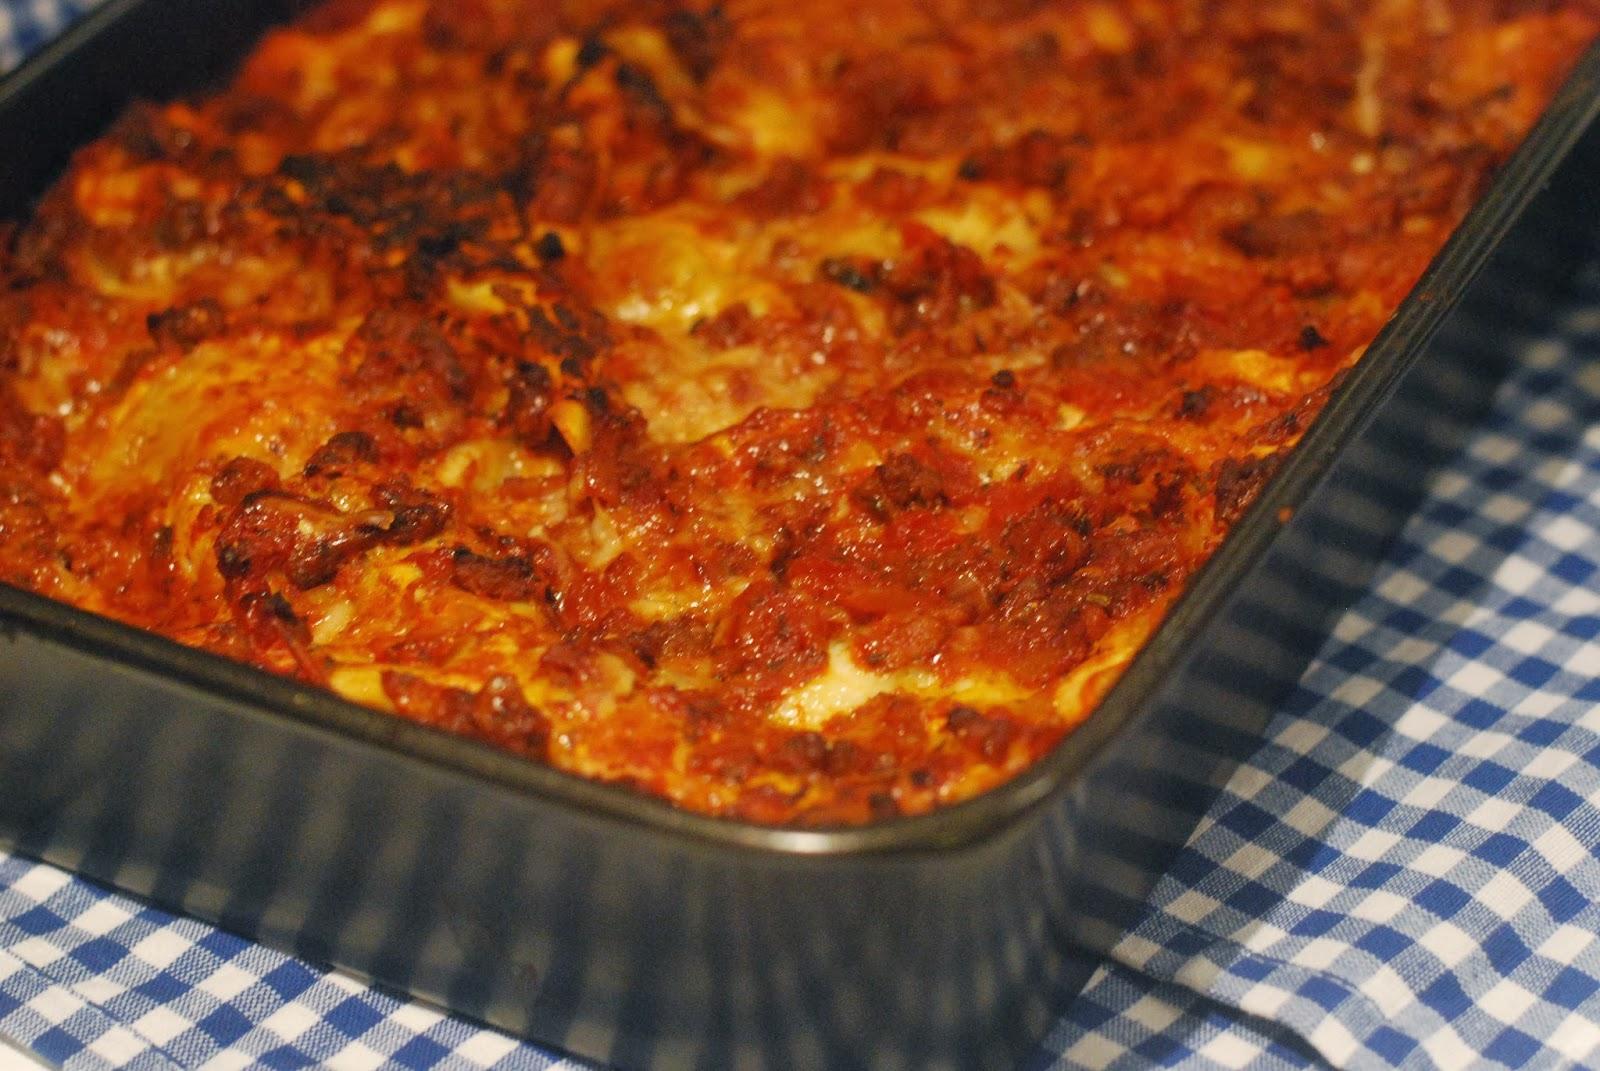 http://www.lilliansmatblogg.no/2014/01/fantastisk-lasagne.html